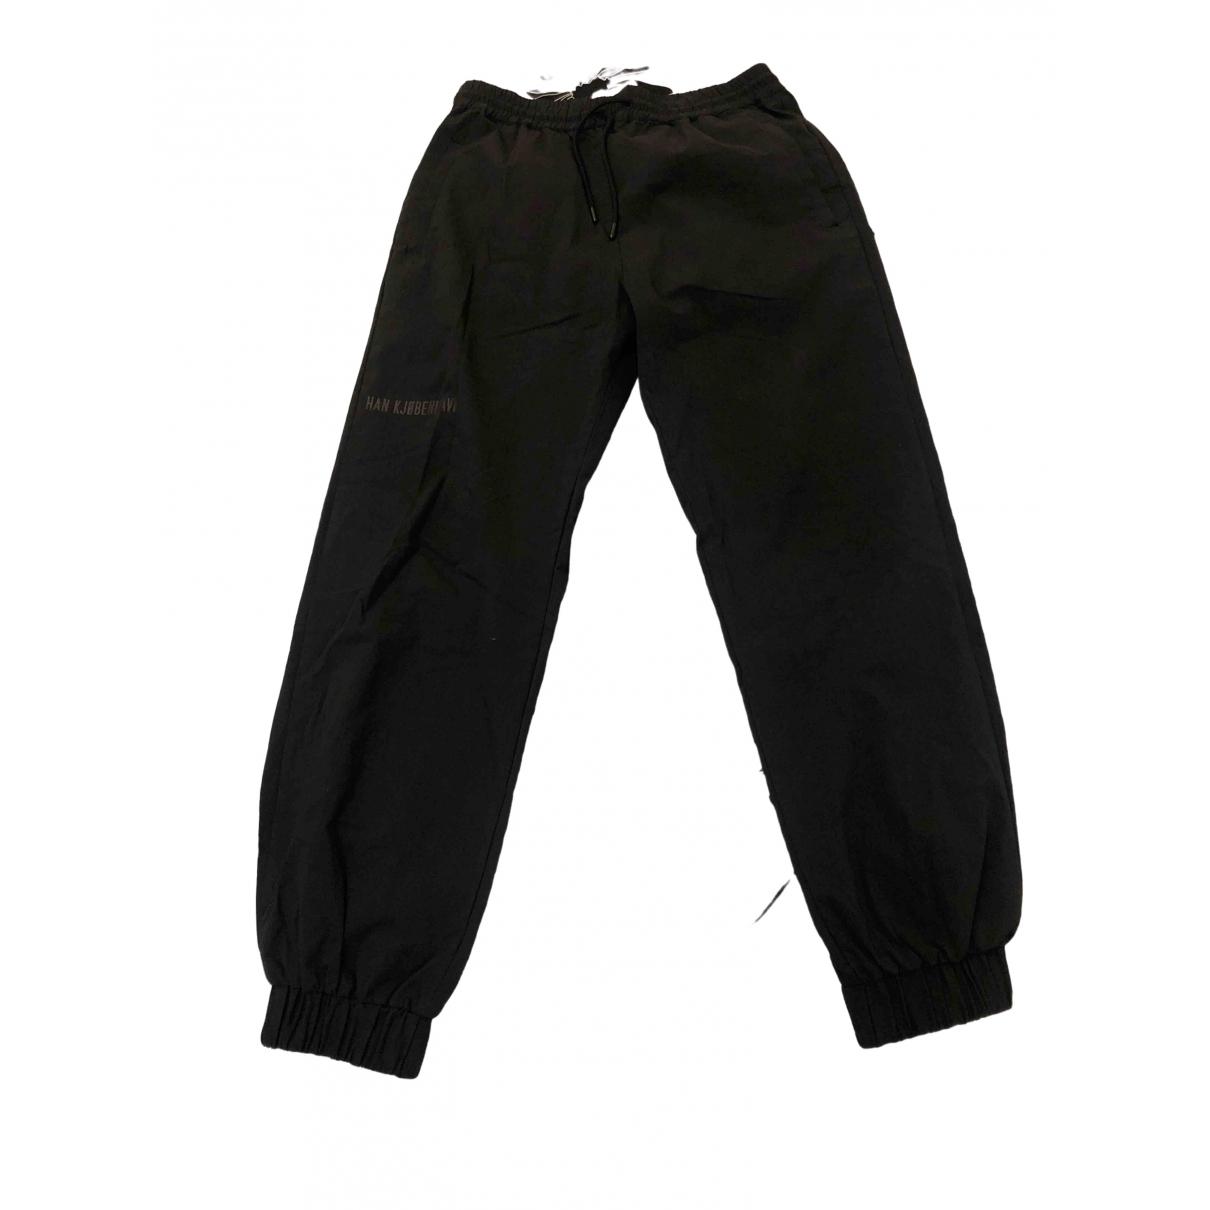 Han Kjobenhavn \N Black Cotton Trousers for Men M International